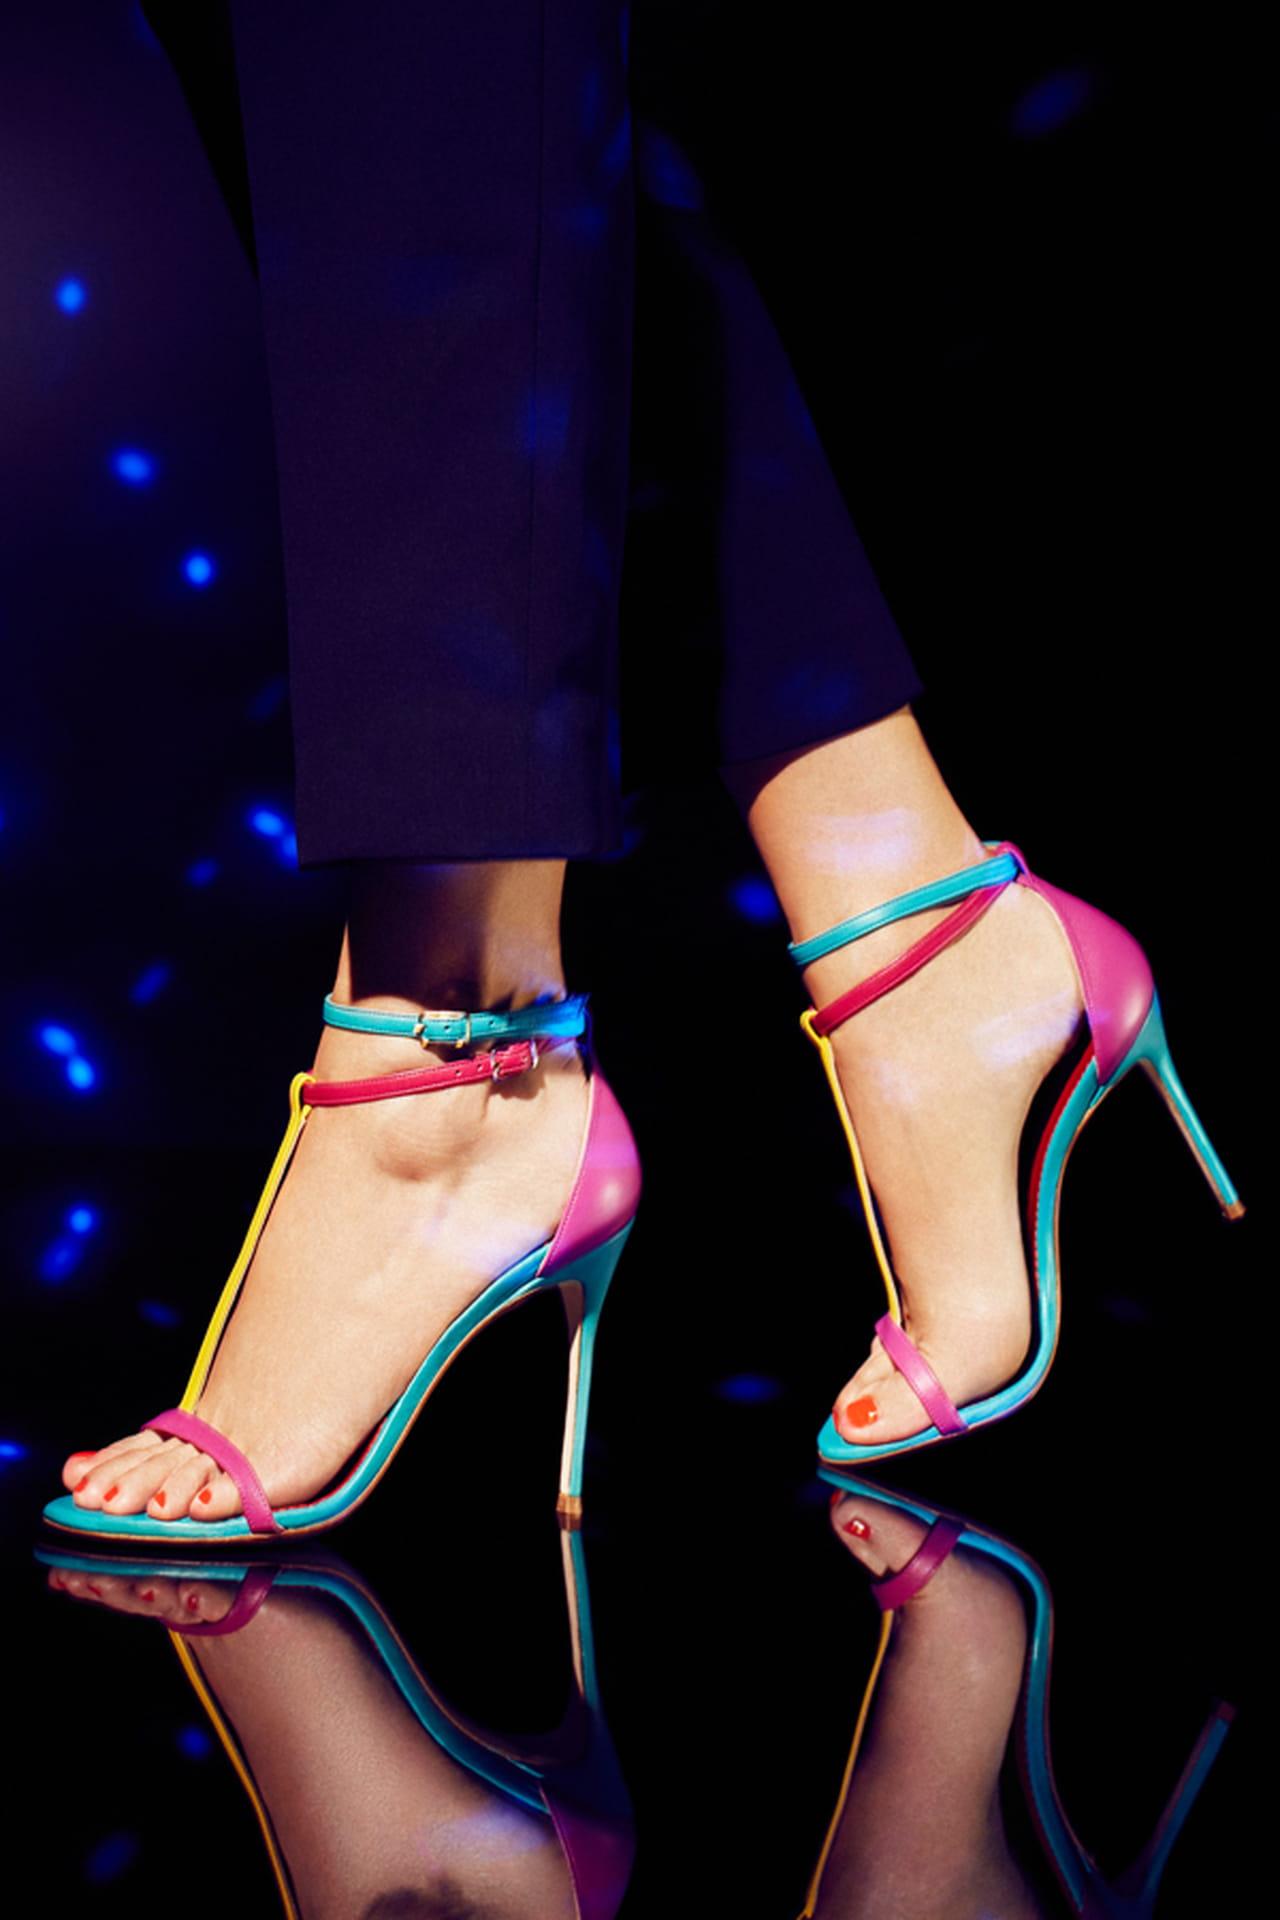 أحذية كارولينا هيريرا الجديدة